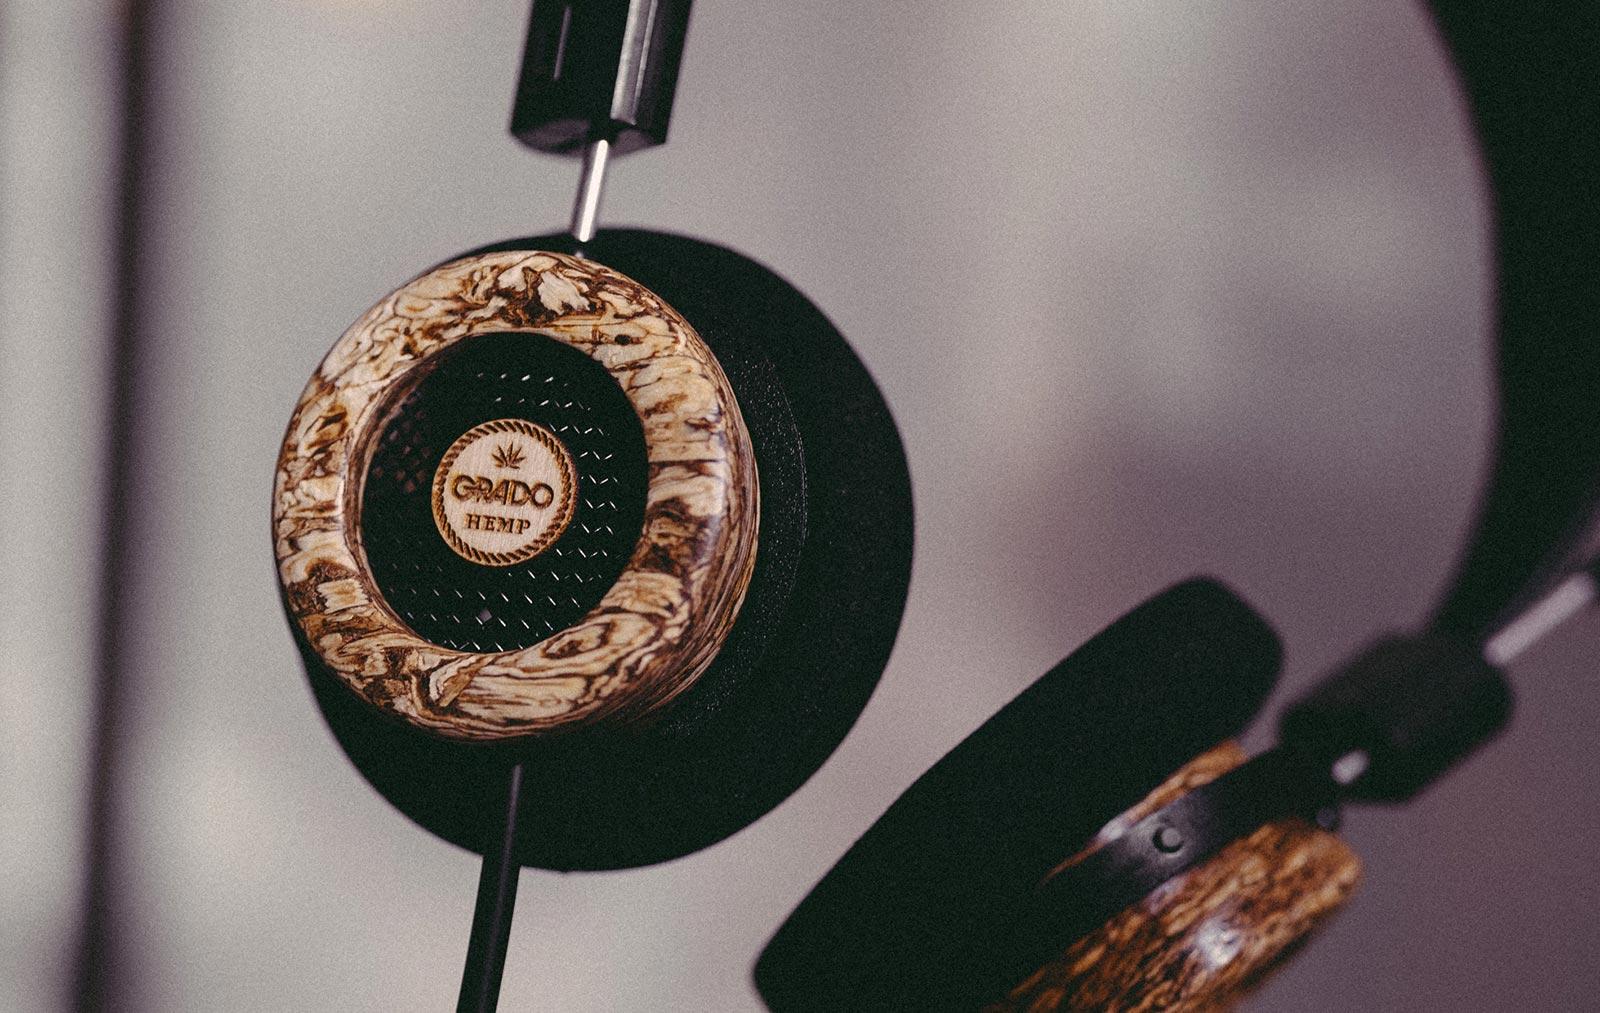 The Hemp Headphone by Grado